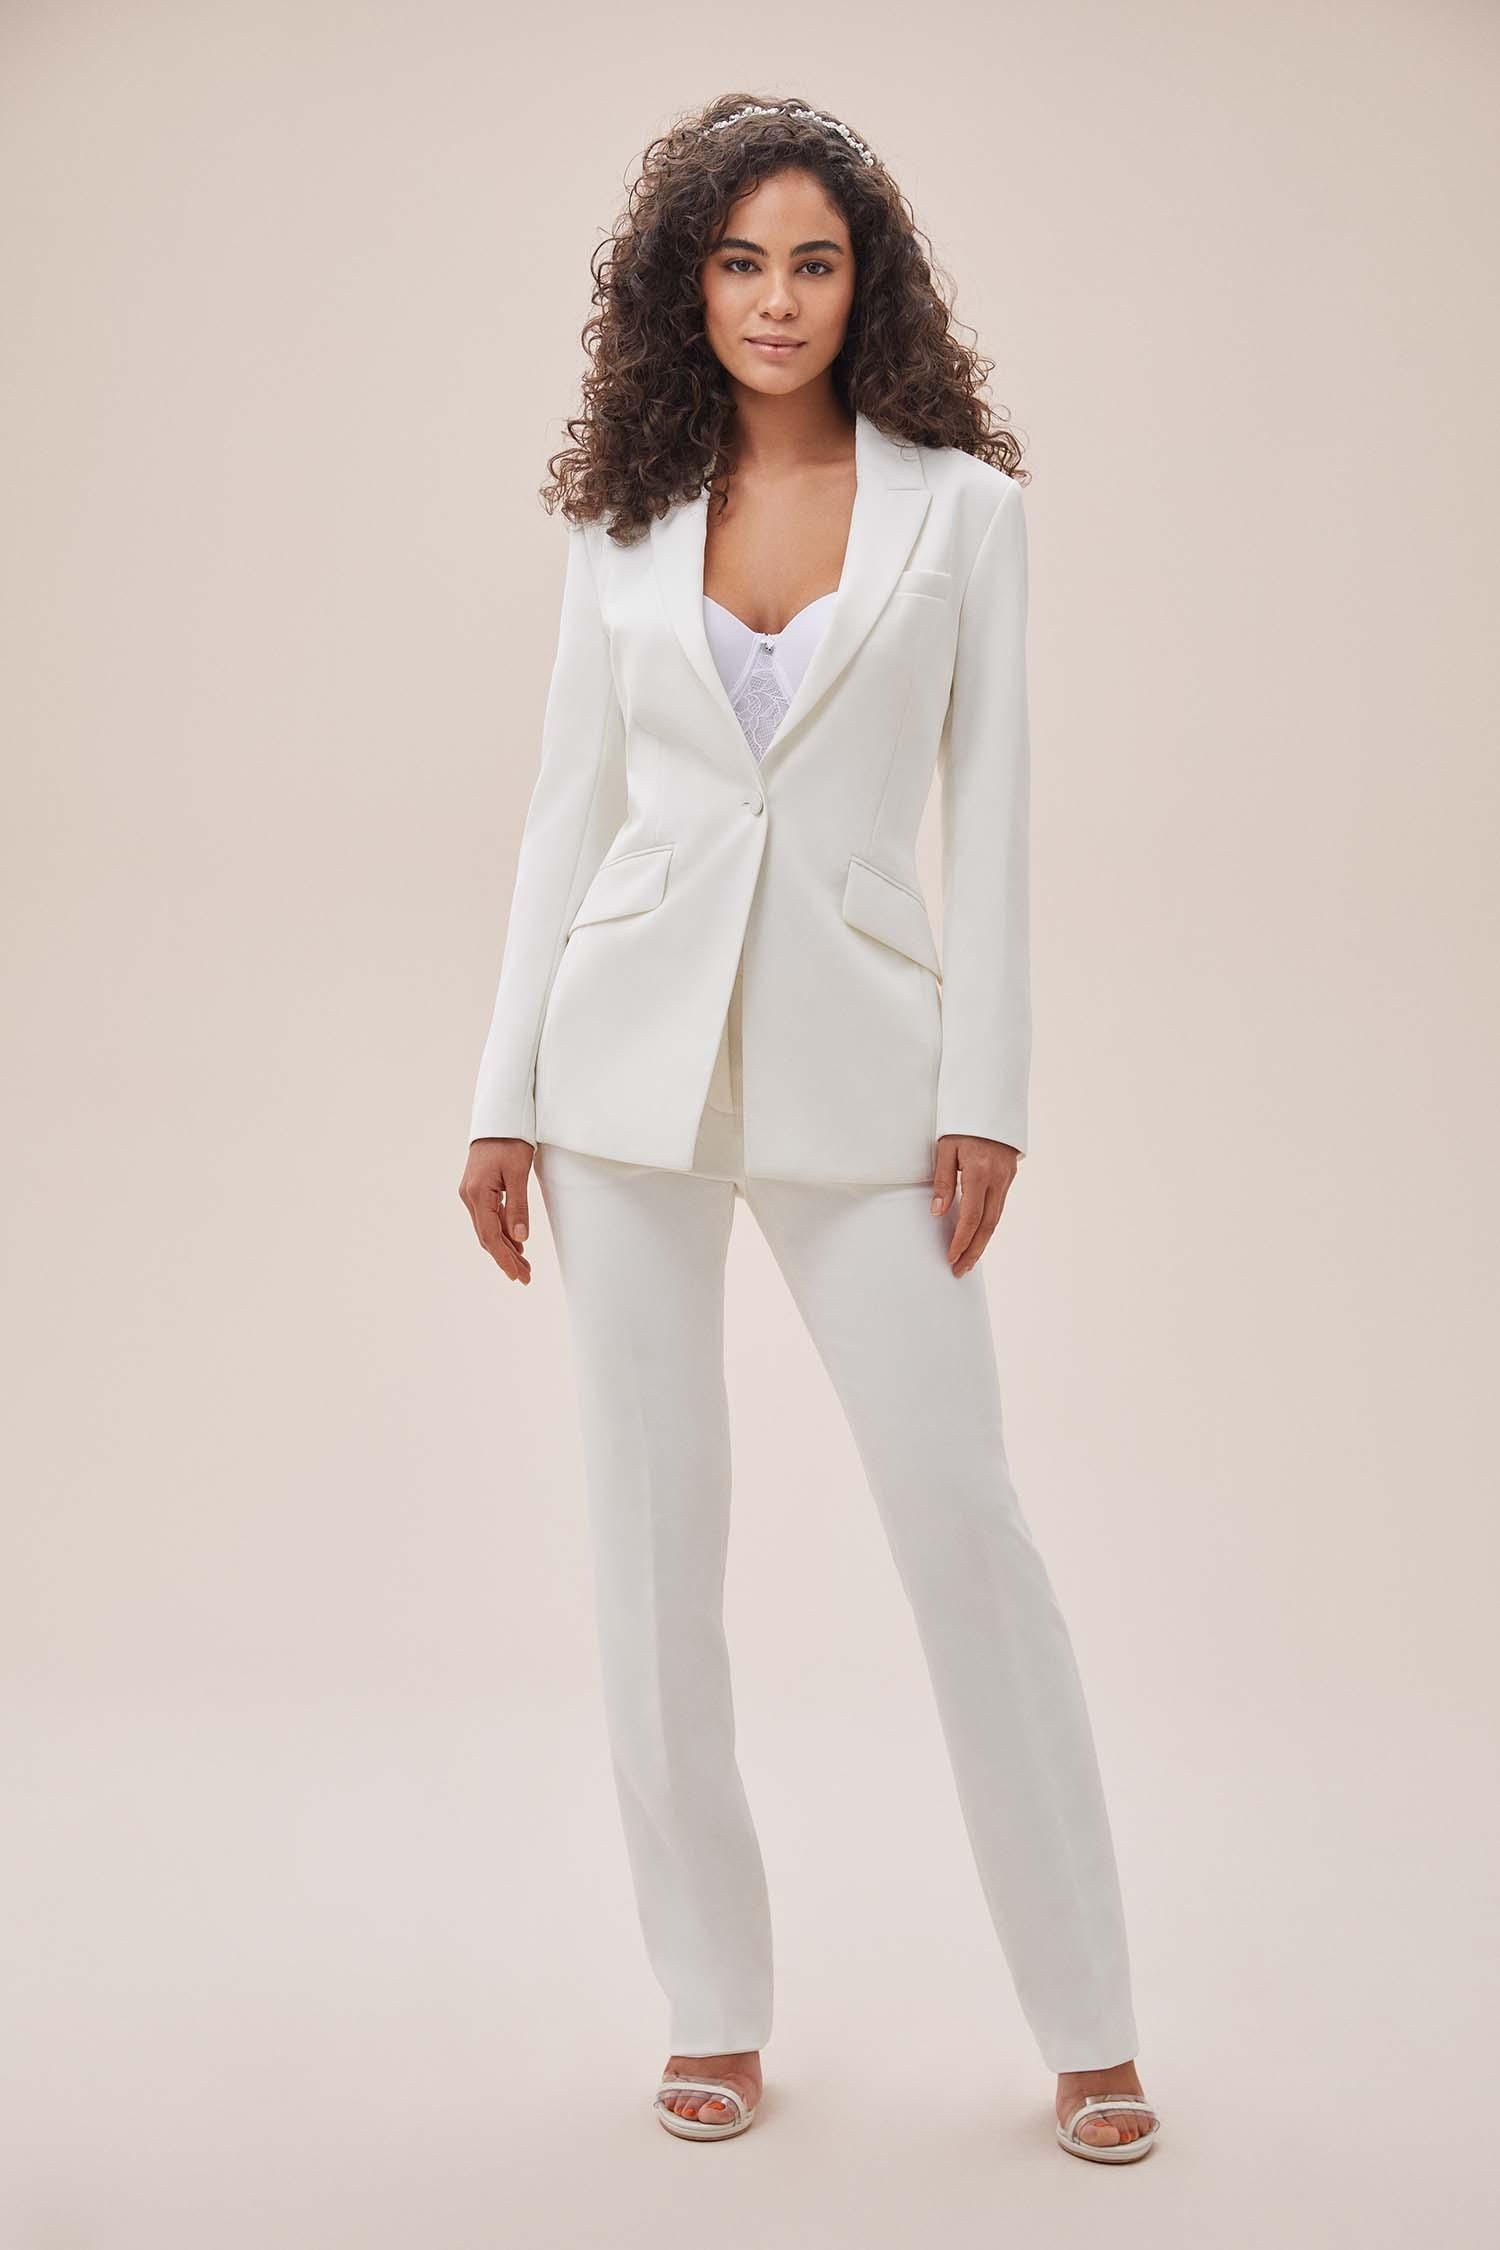 Beyaz Bol Kesim Krep Takım Elbise Büyük Beden Gelinlik Ceketi - Thumbnail